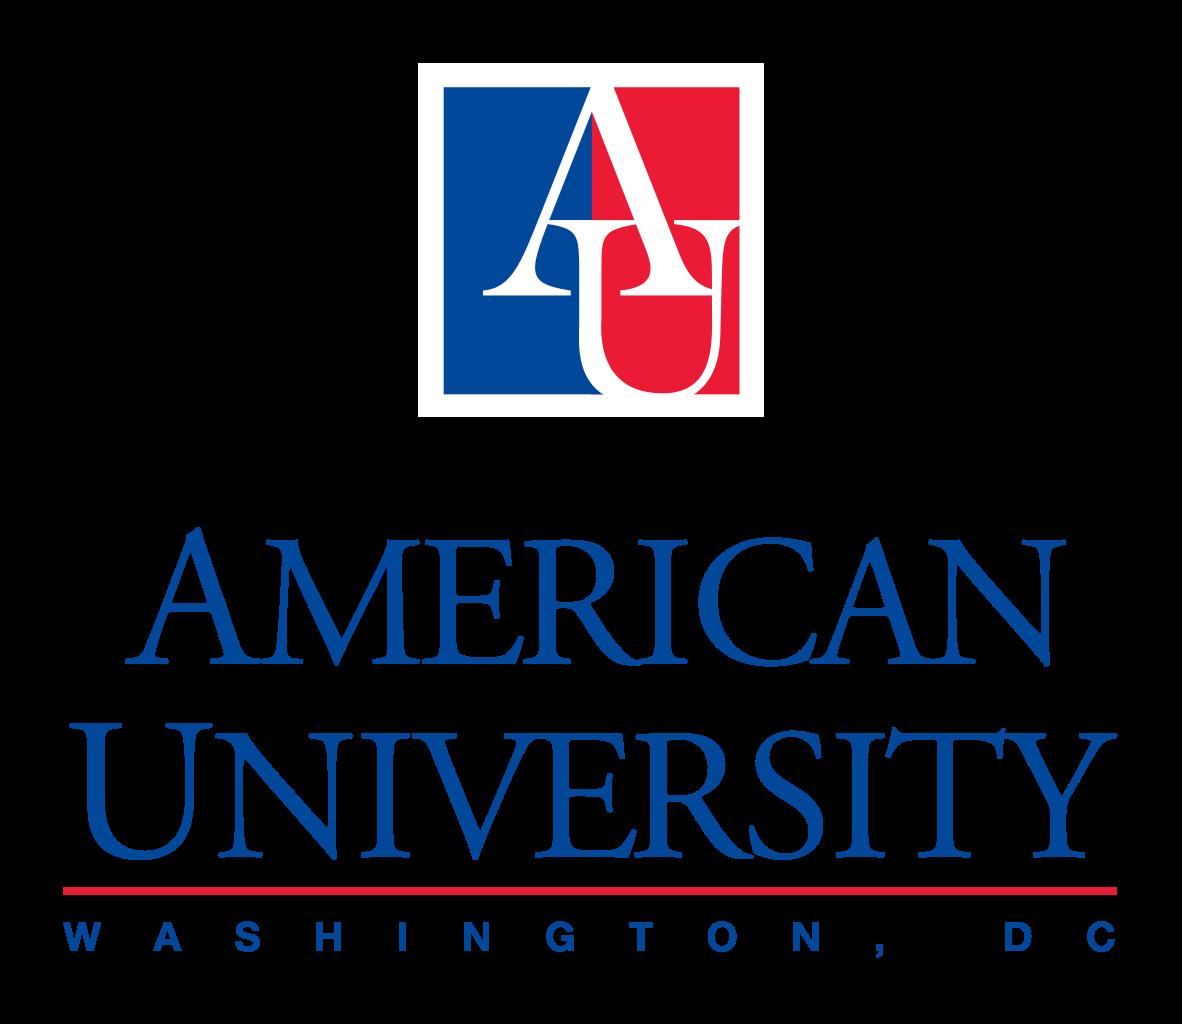 Washington State University Logo photo - 1